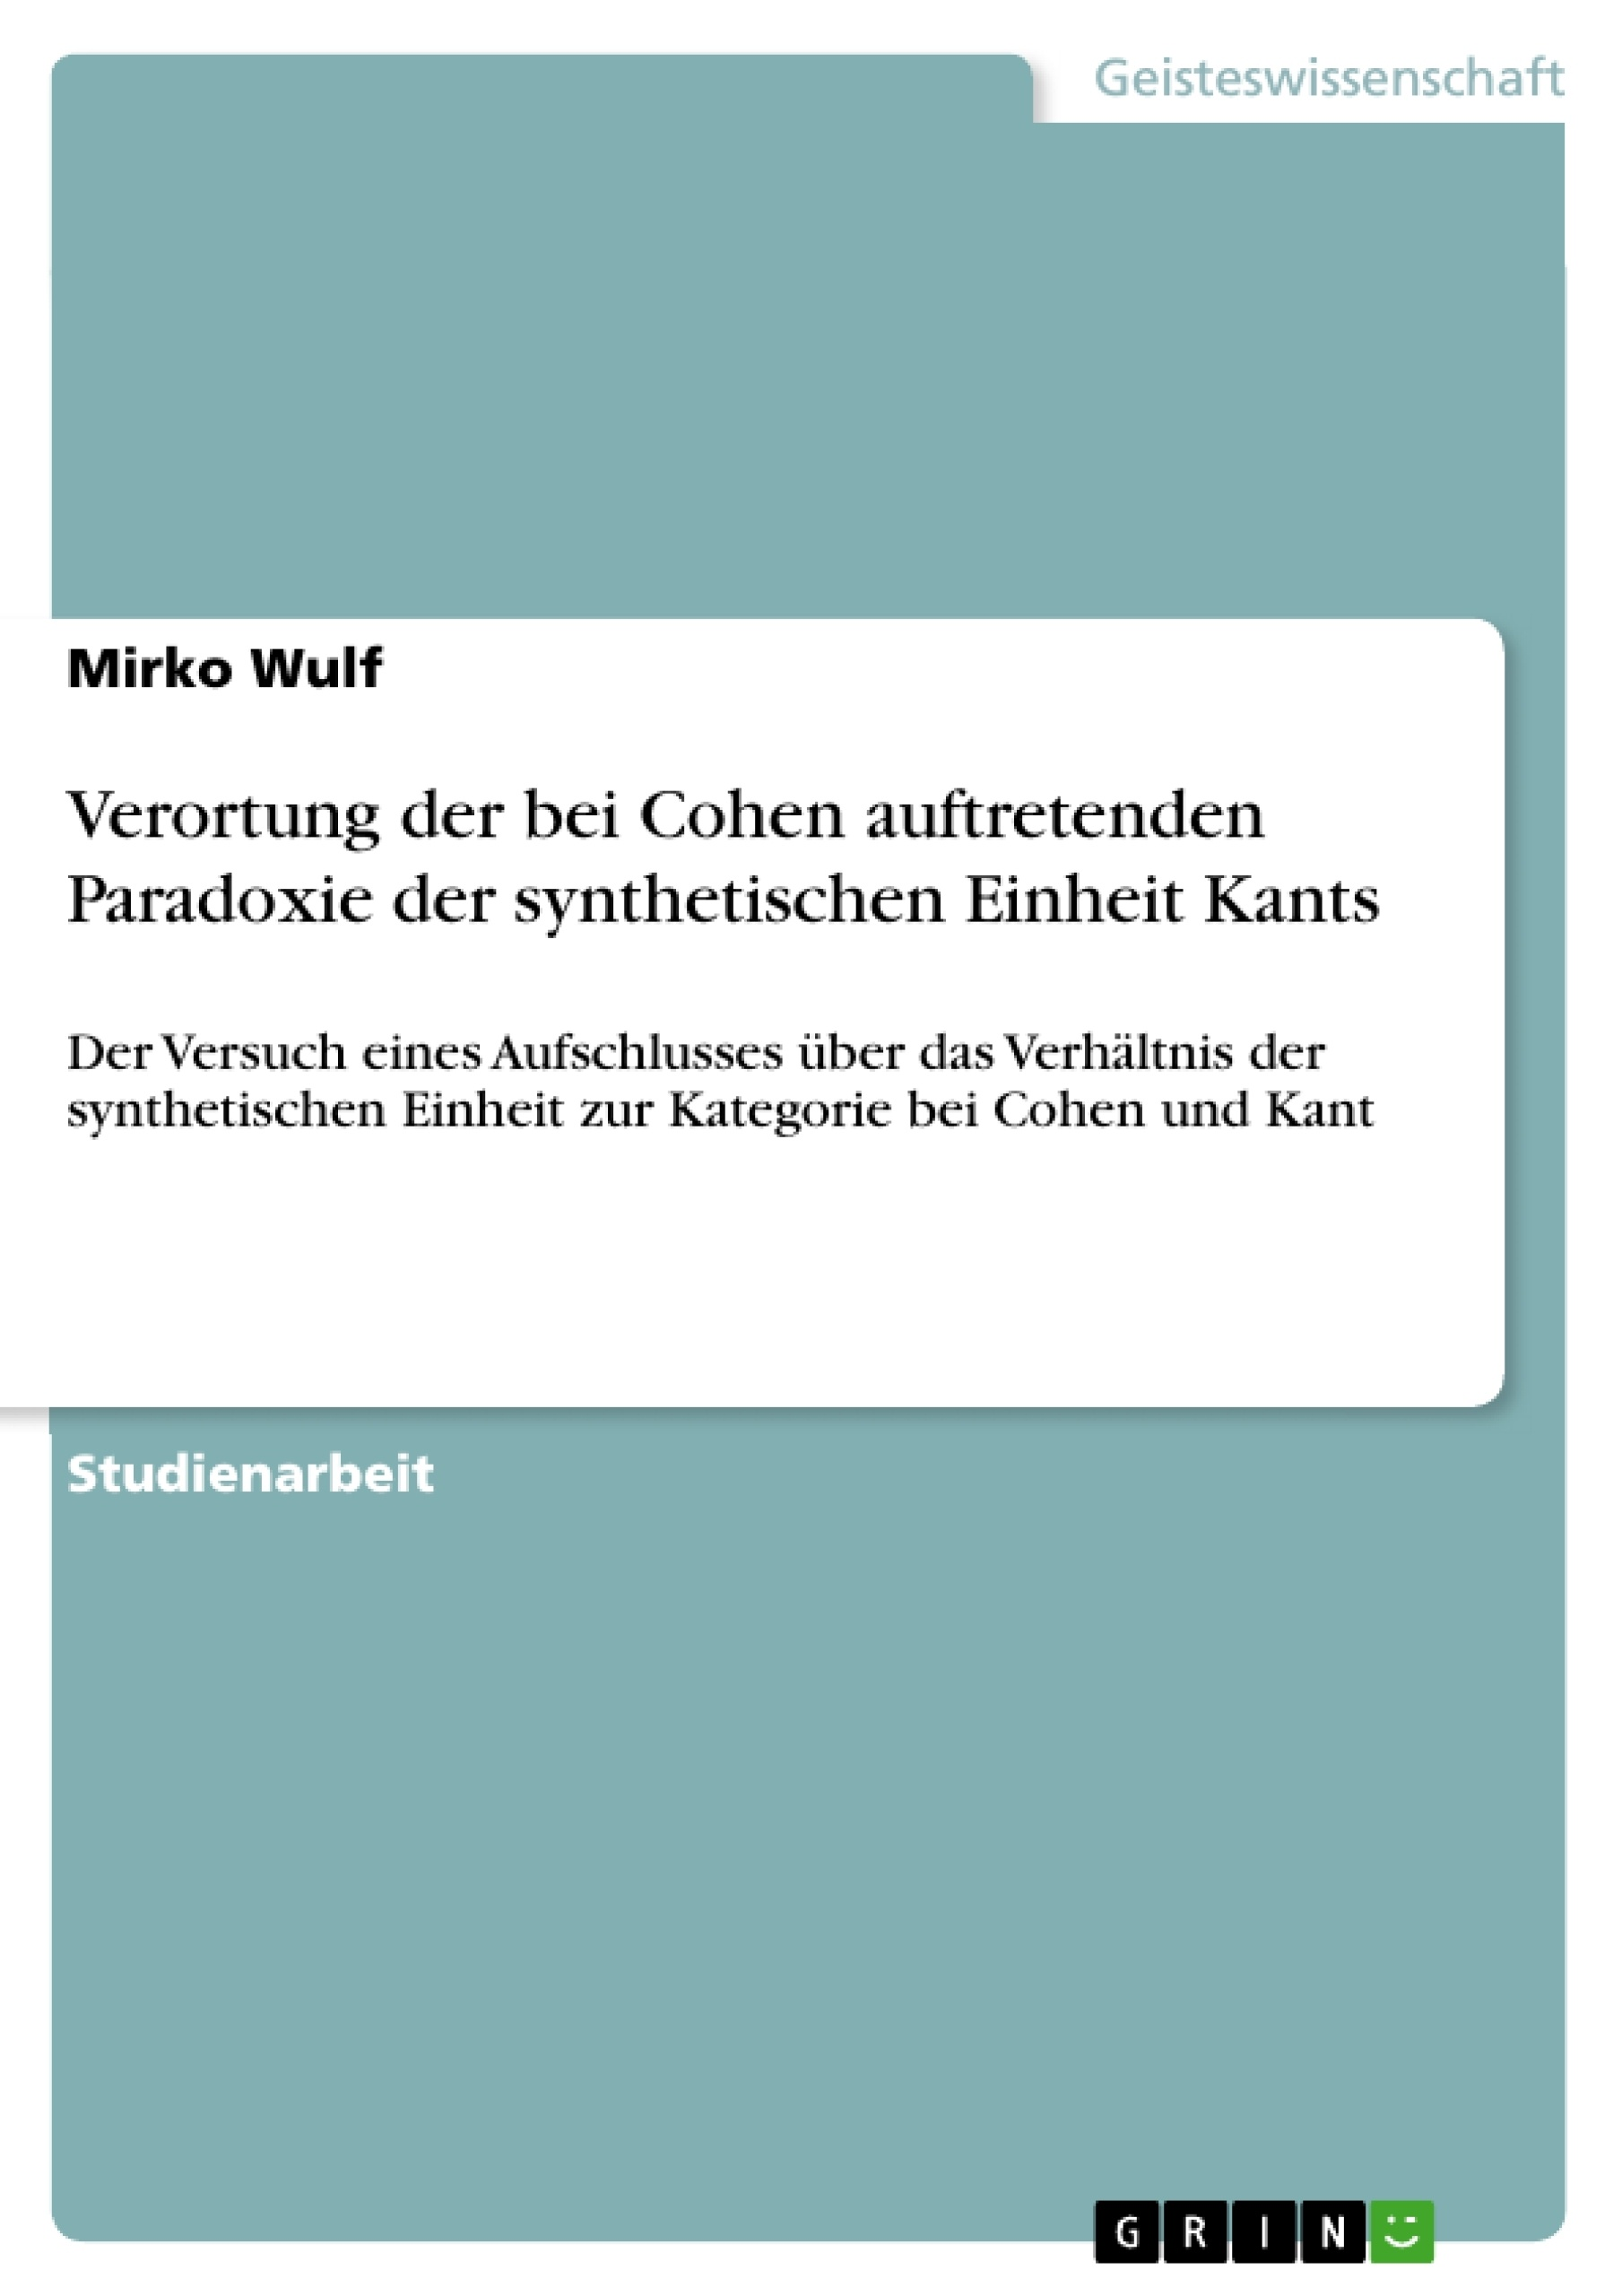 Titel: Verortung der bei Cohen auftretenden Paradoxie der synthetischen Einheit Kants